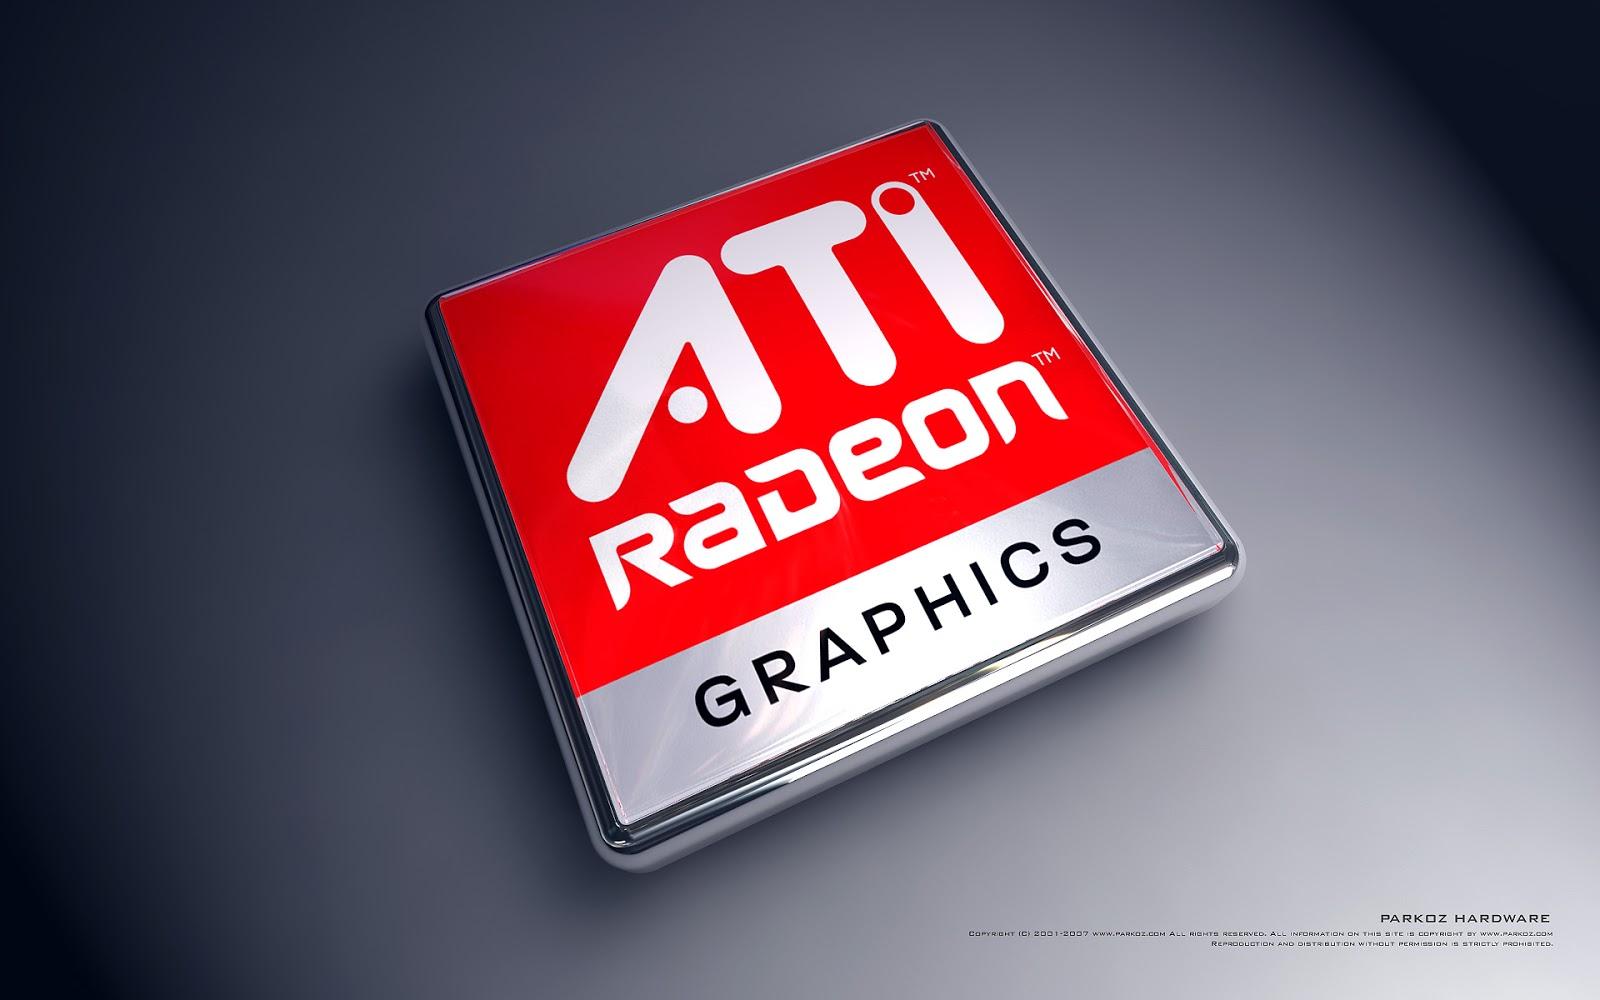 http://3.bp.blogspot.com/_Gq1jO6iuU2U/TSpeQ07qiVI/AAAAAAAAHZE/AEbsTOOpwrw/s1600/Ati+Radeon+HD+wallpaper.jpg